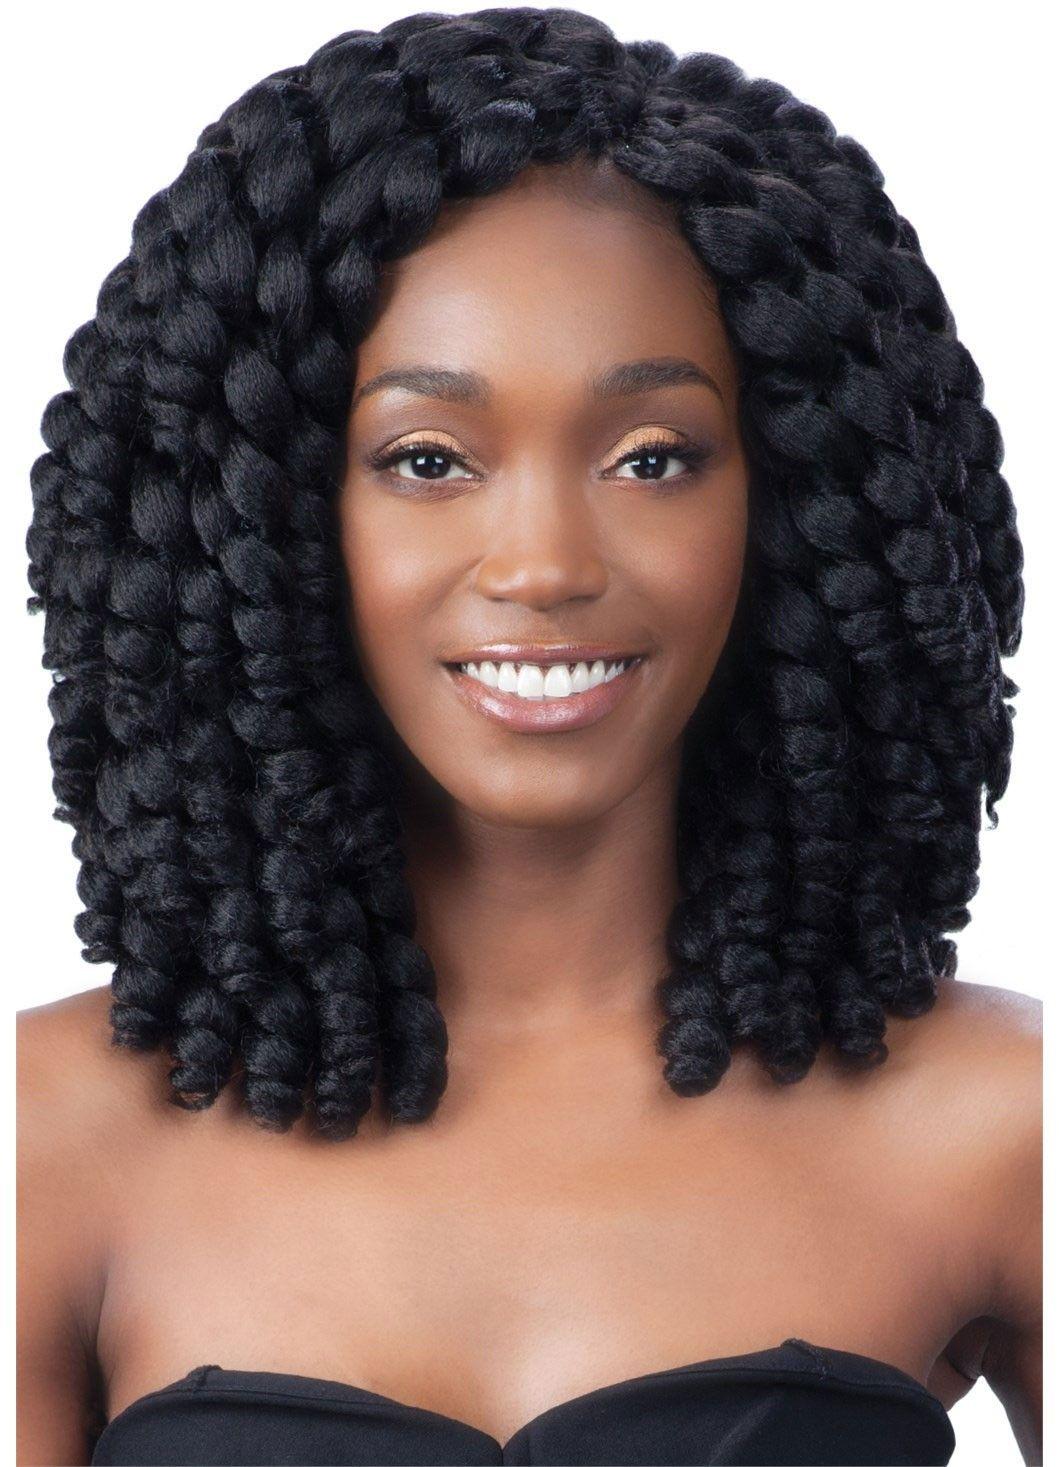 Model Model Glance Braid 2X JUMPY WAND CURL Hair Envy